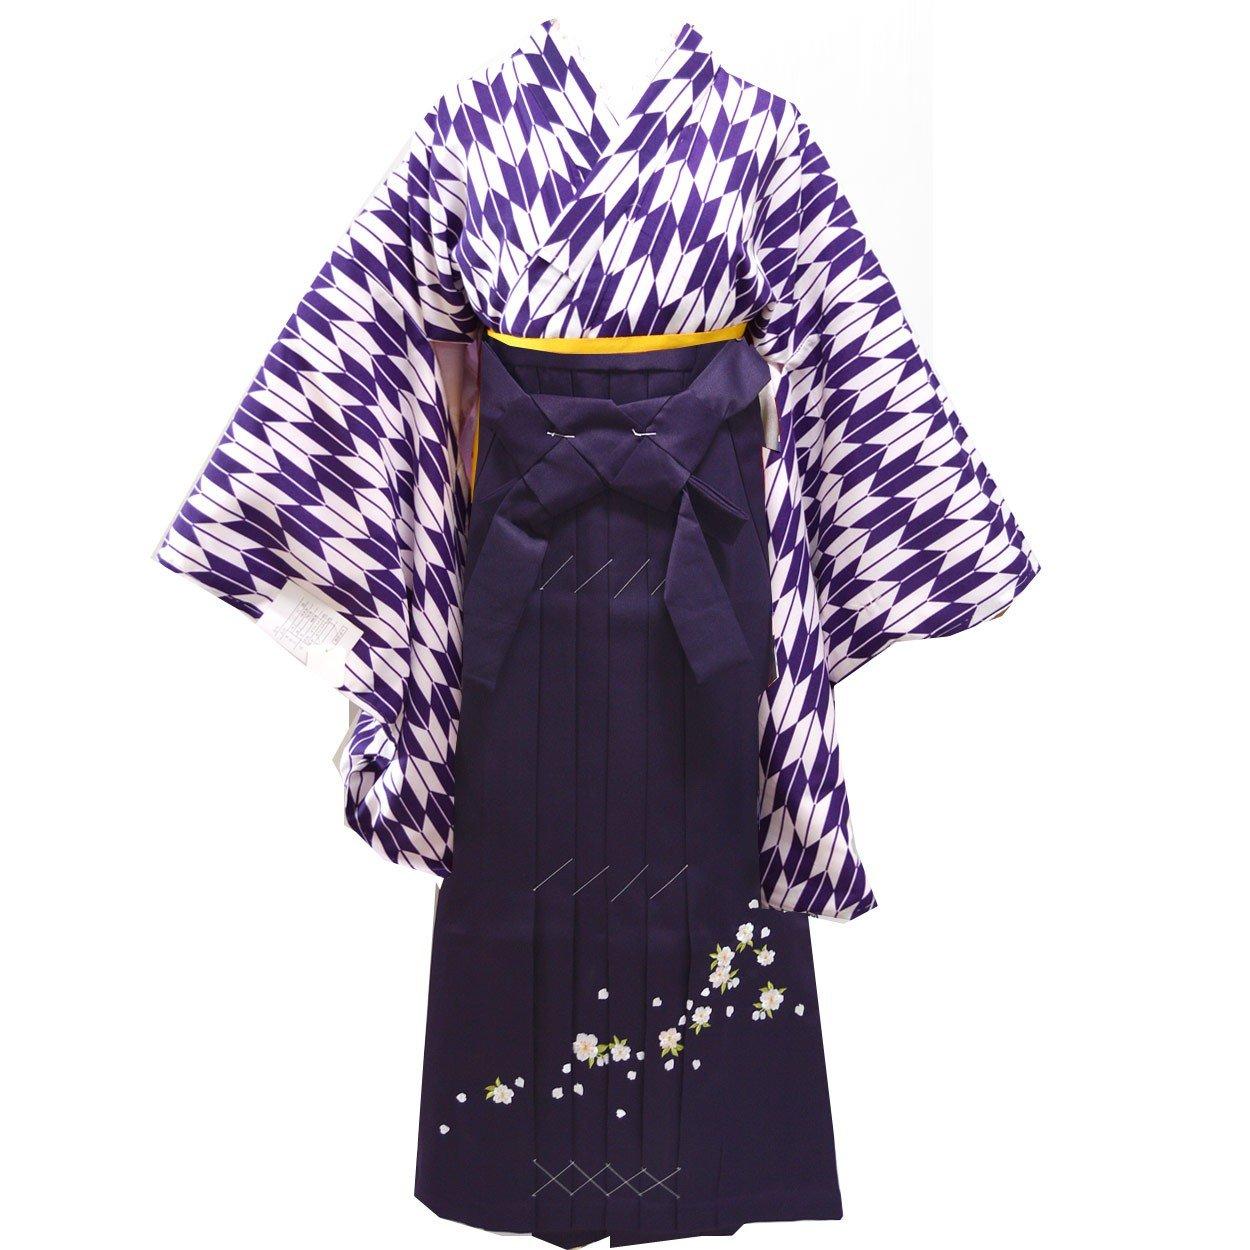 卒業式 袴セット 女性レディース二尺袖着物刺繍袴セット 5サイズ6色/ B00APG1HRO L(95cm)|パープル パープル L(95cm)